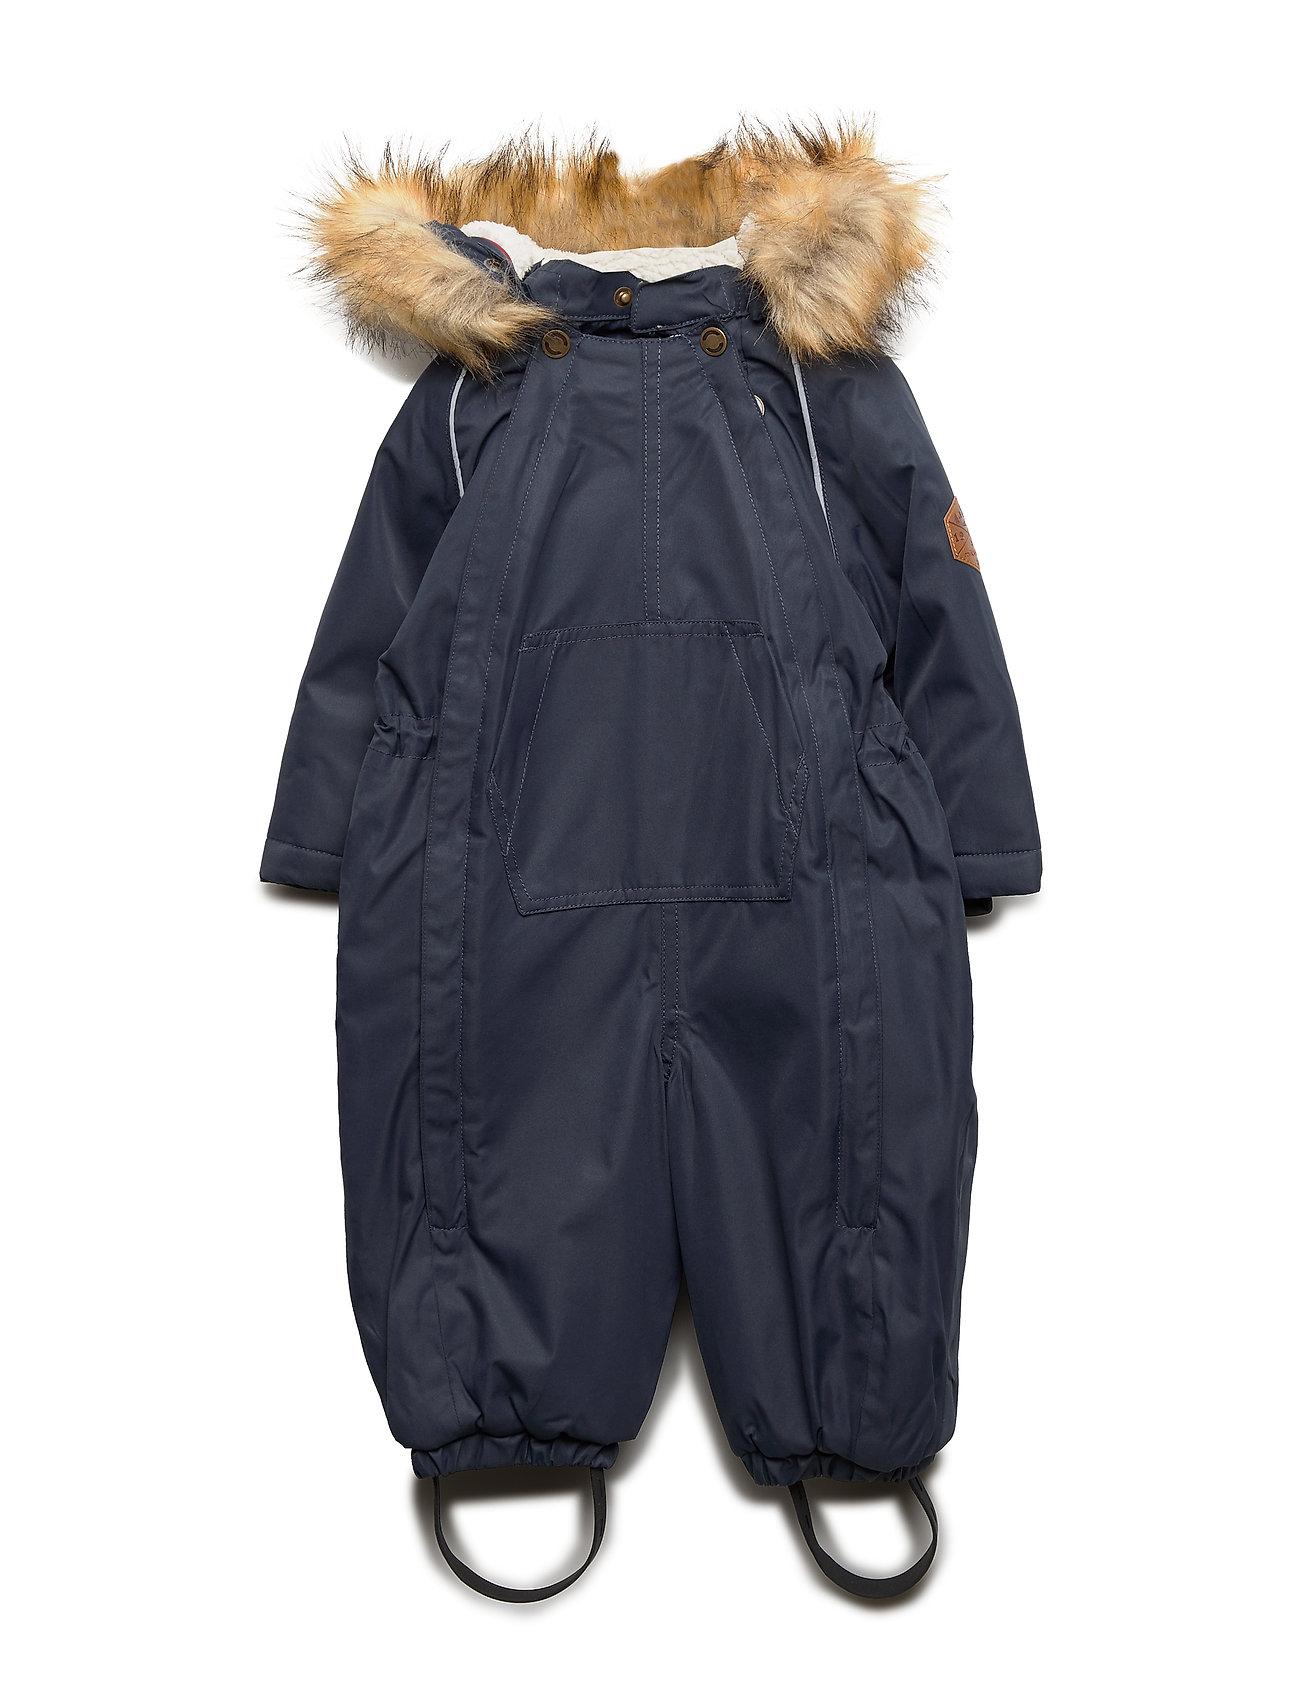 Mikk-Line OUTDOOR Baby Suit - BLUE NIGHTS